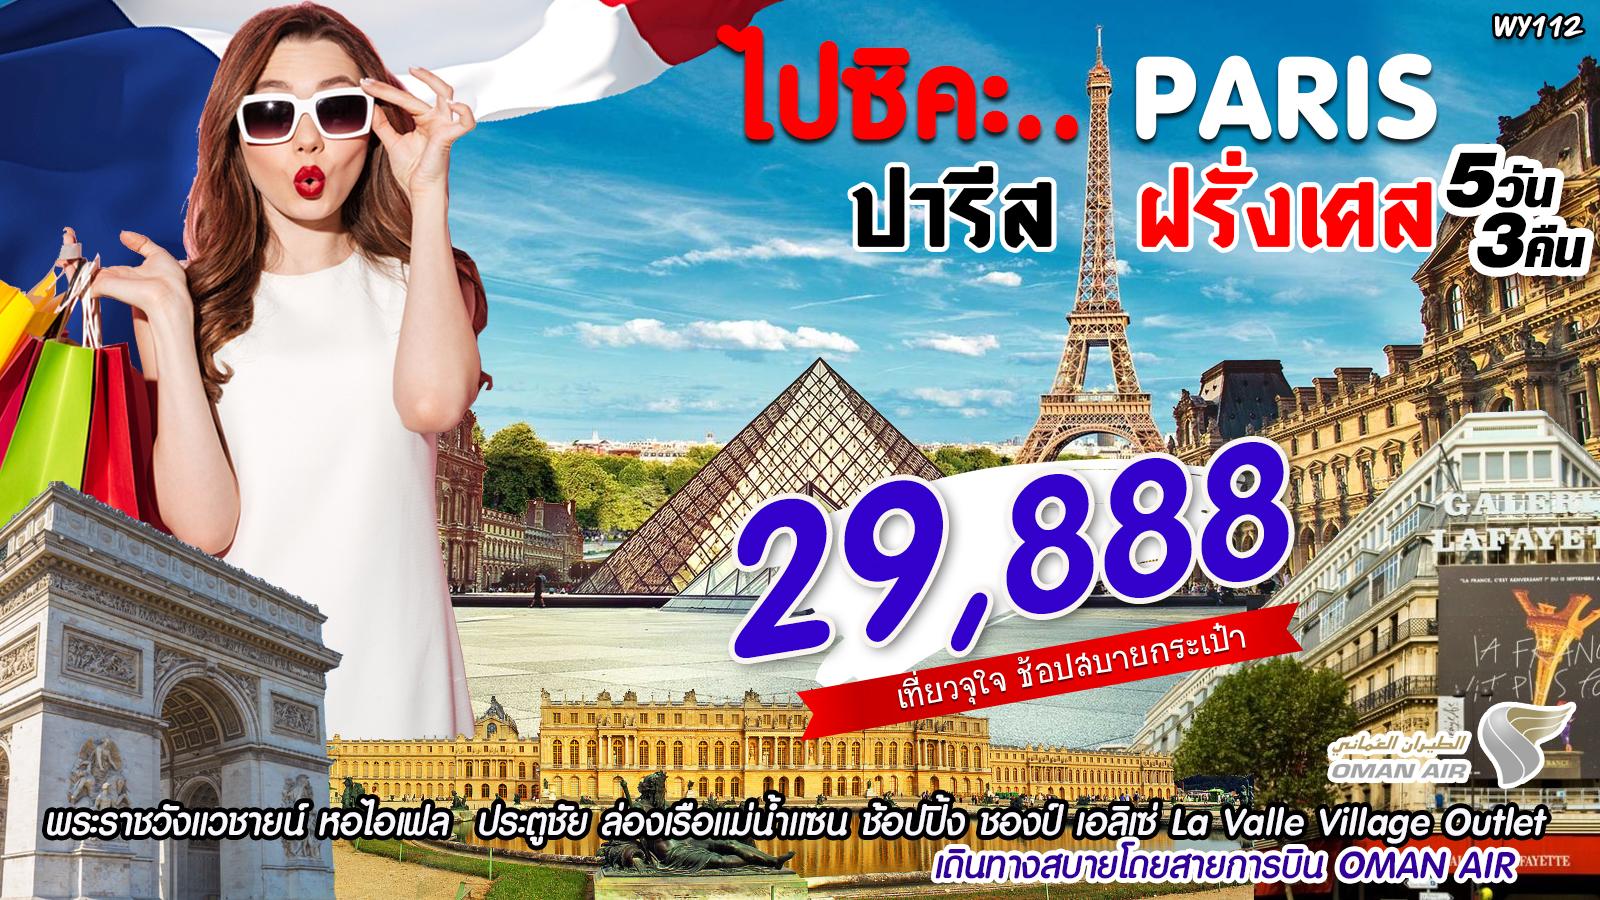 ไปซิคะ PARIS FRANCE 5D 3N